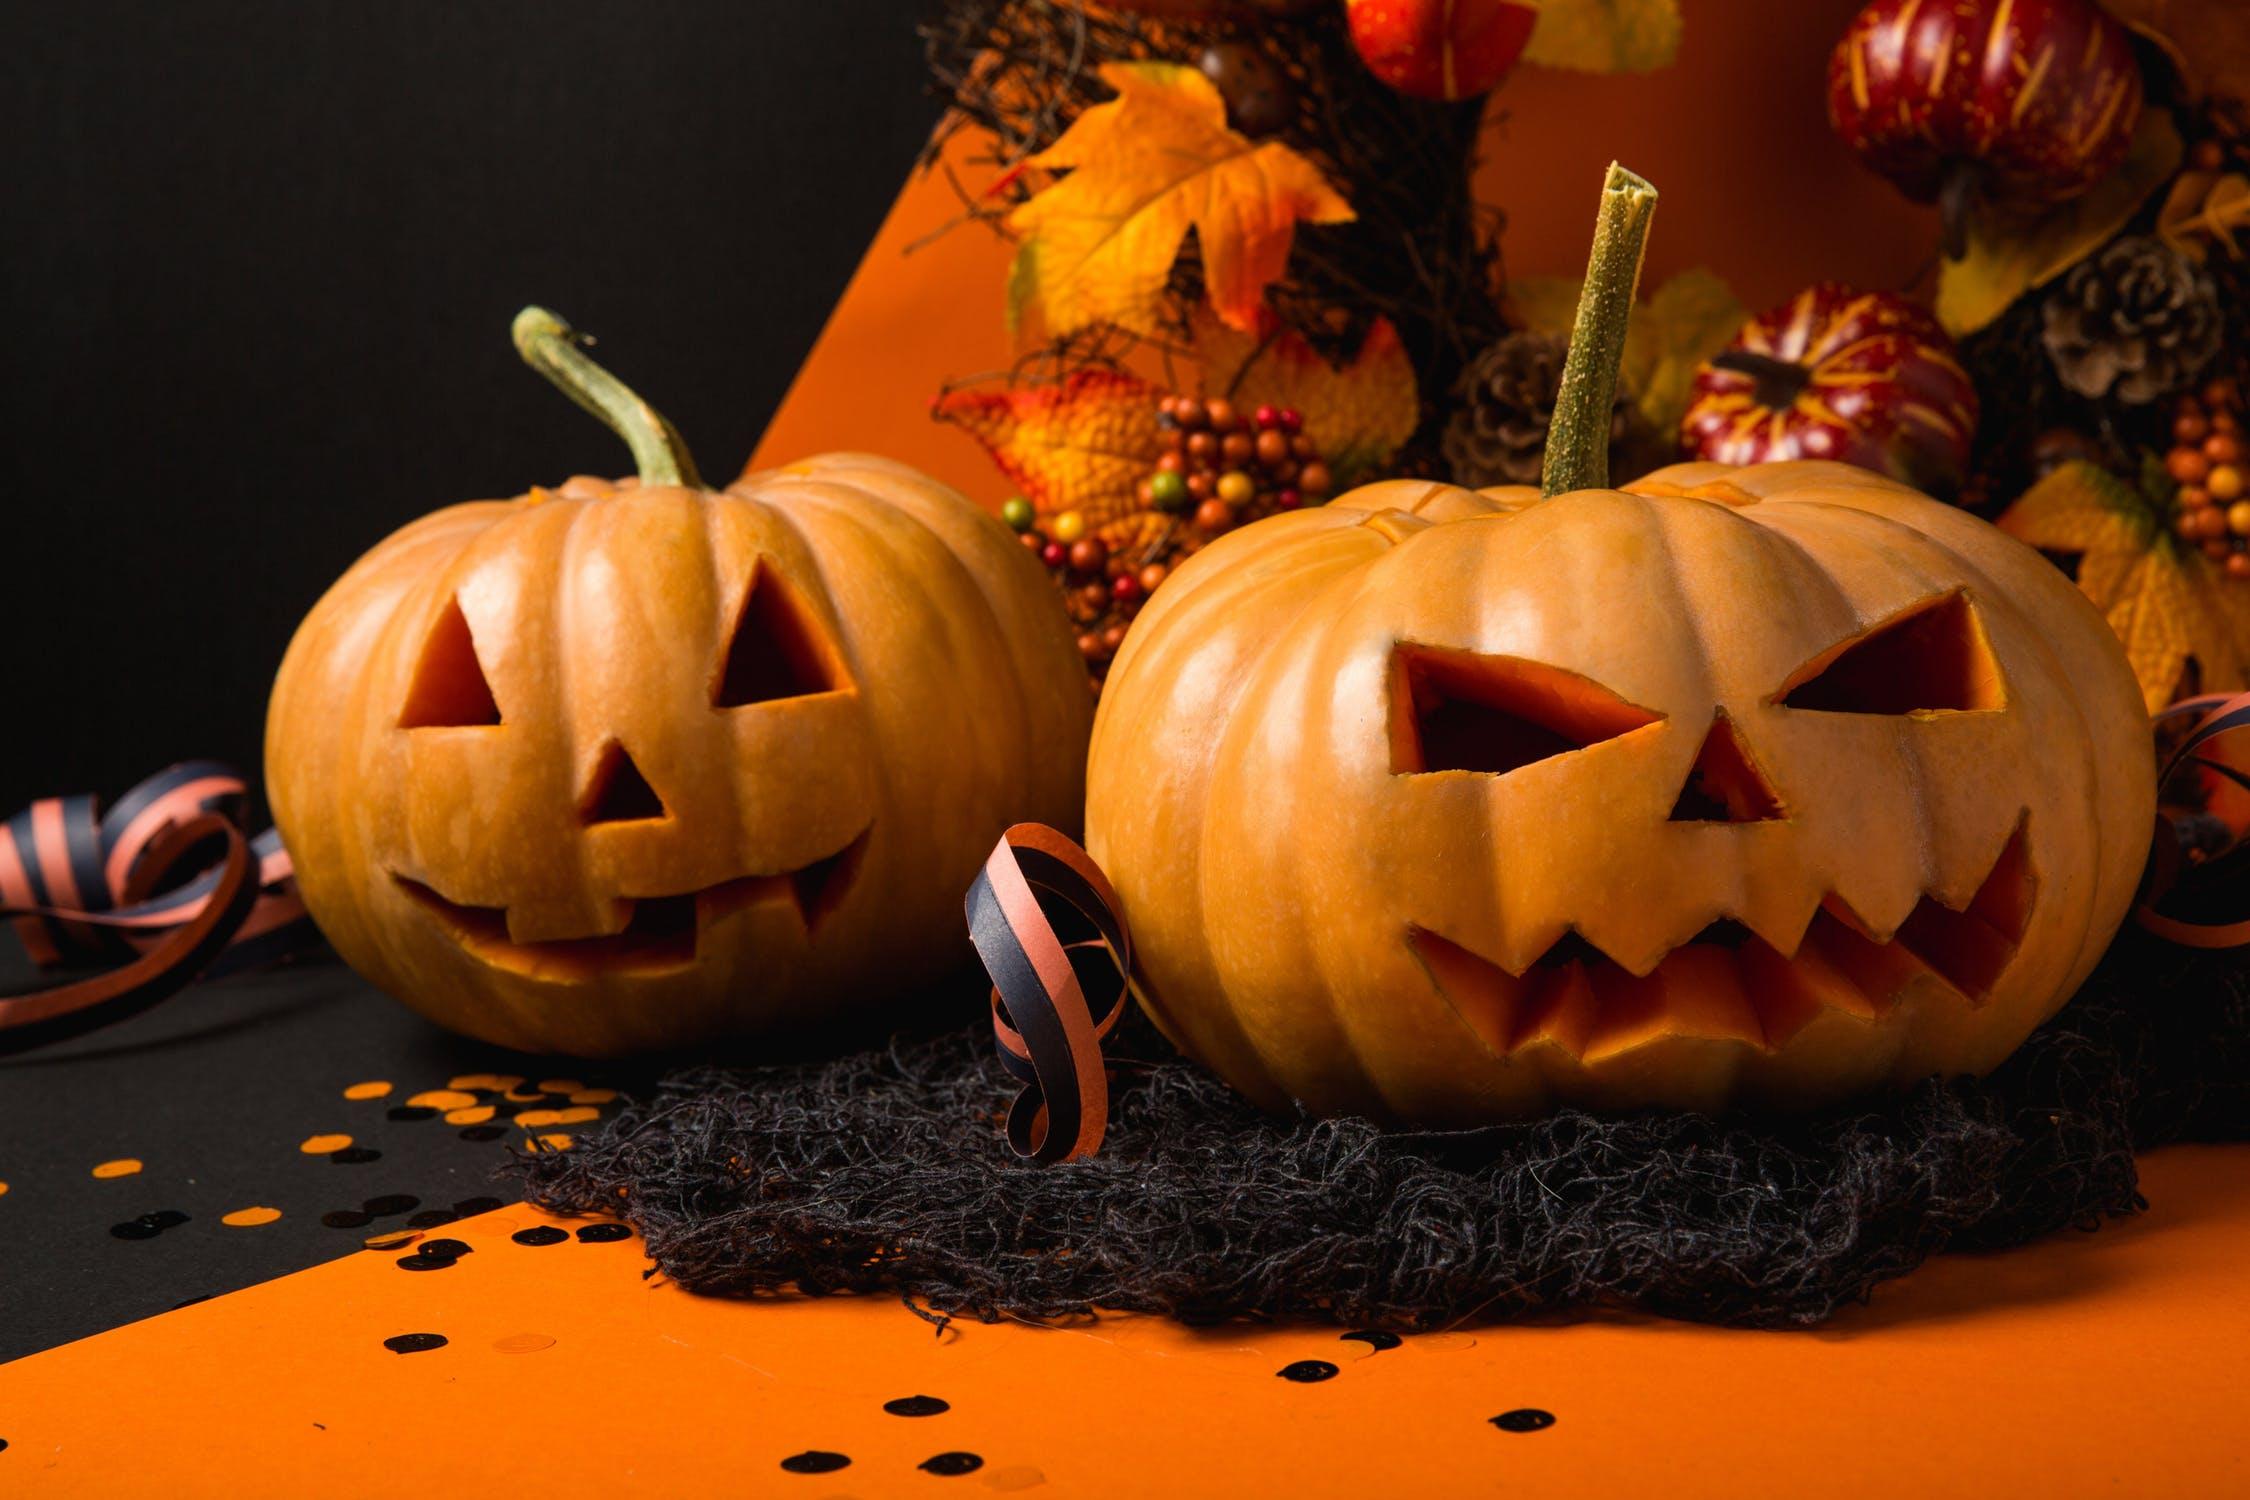 Preparer vos citrouilles pour Halloween !